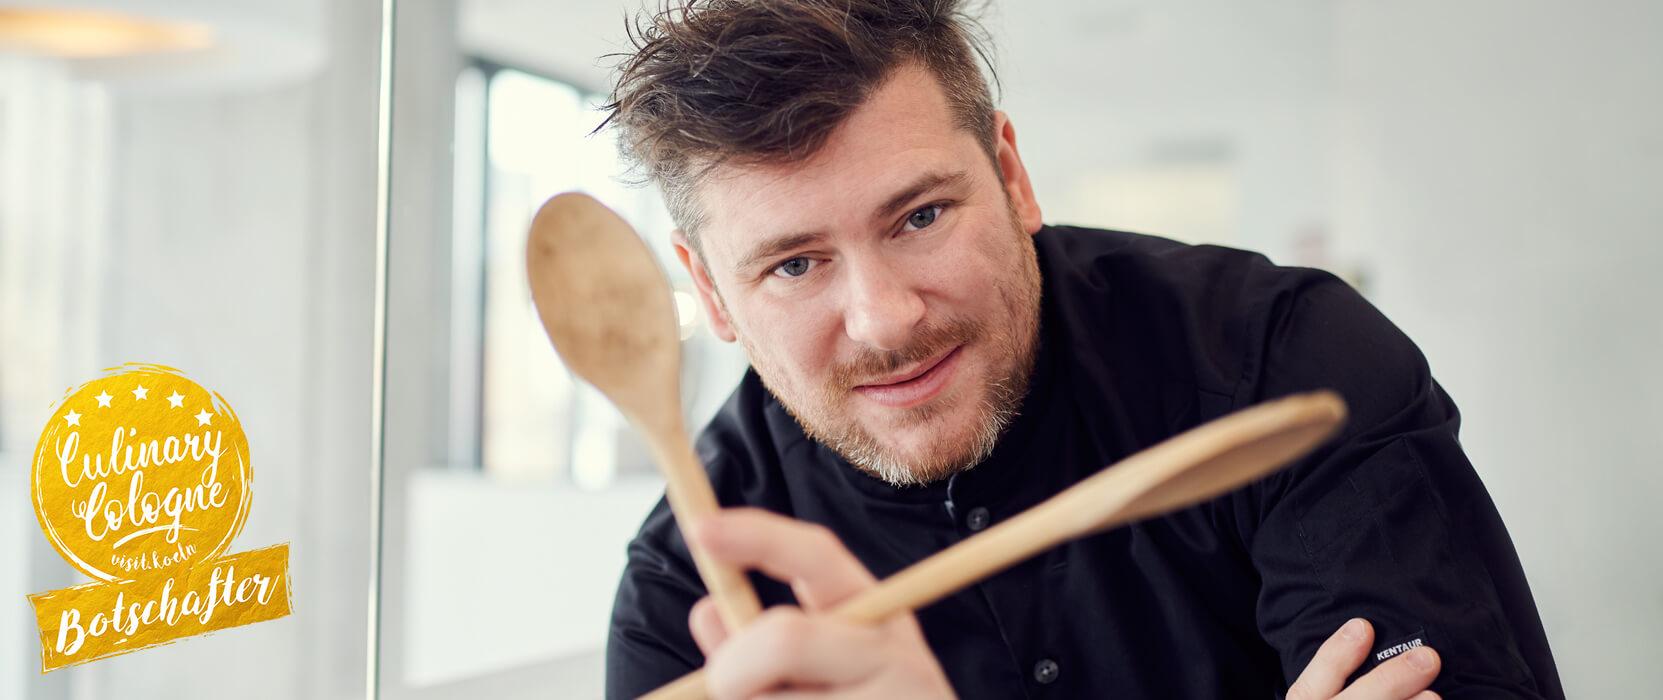 Daniel Gottschlich - #culinarycologne-Botschafter